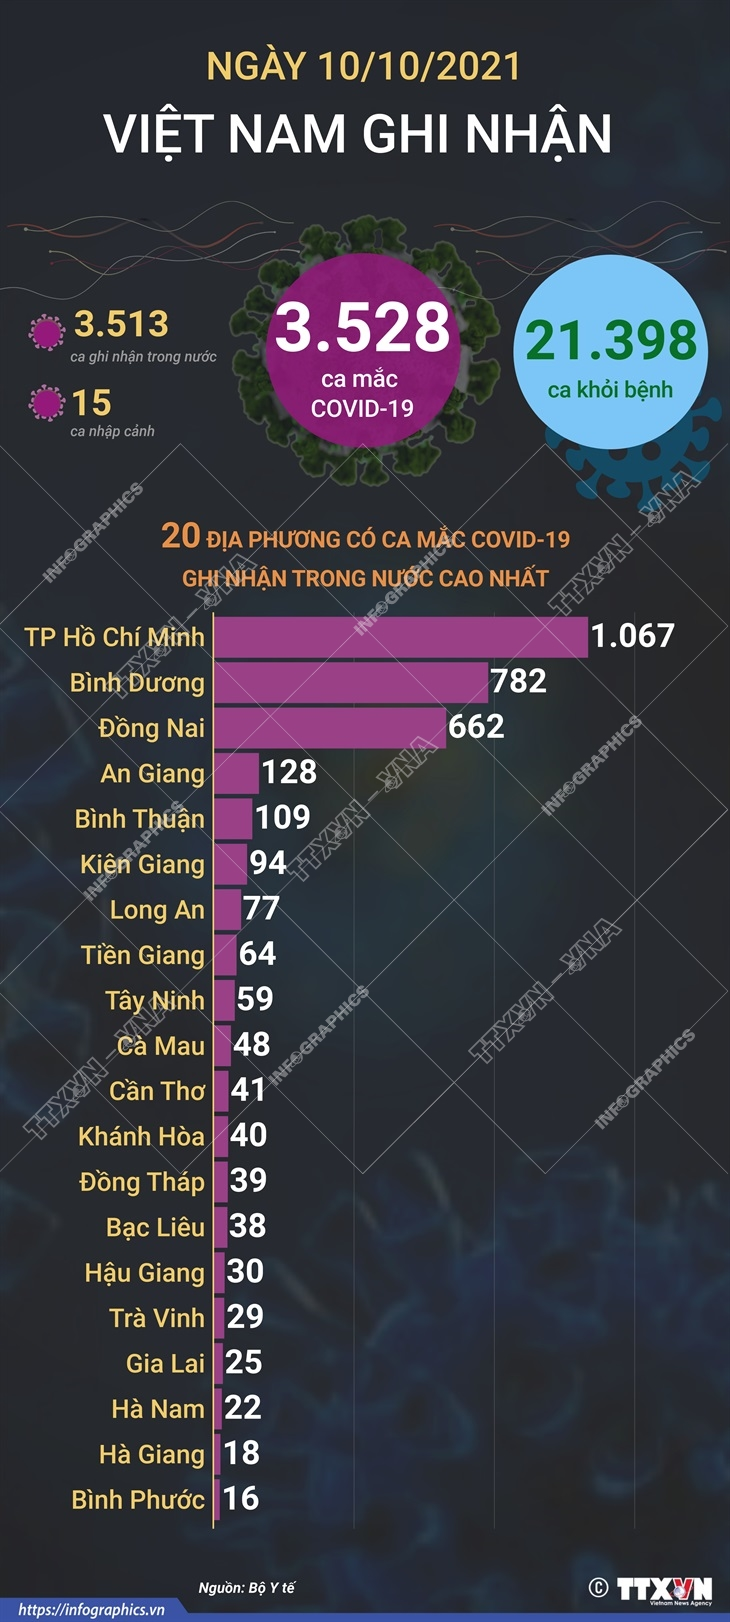 [Infographics] Them 21.398 benh nhan COVID-19 duoc cong bo khoi benh hinh anh 1